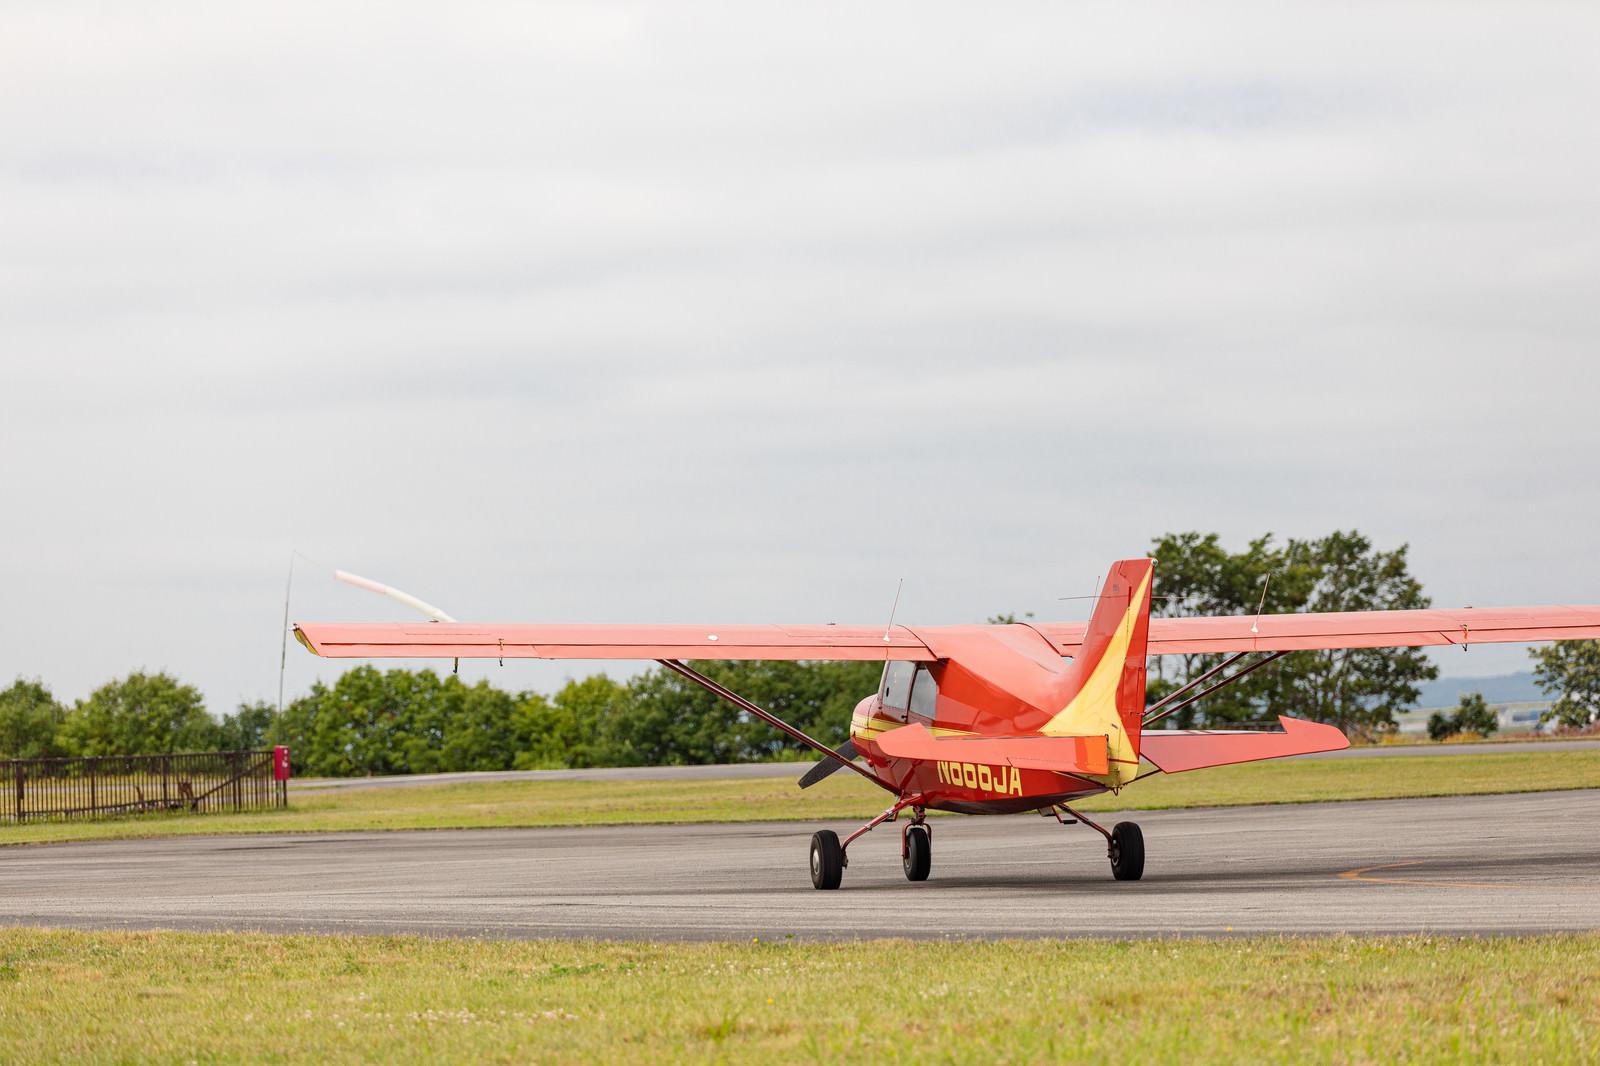 「滑走路を走る小型飛行機(美唄スカイパーク)」の写真